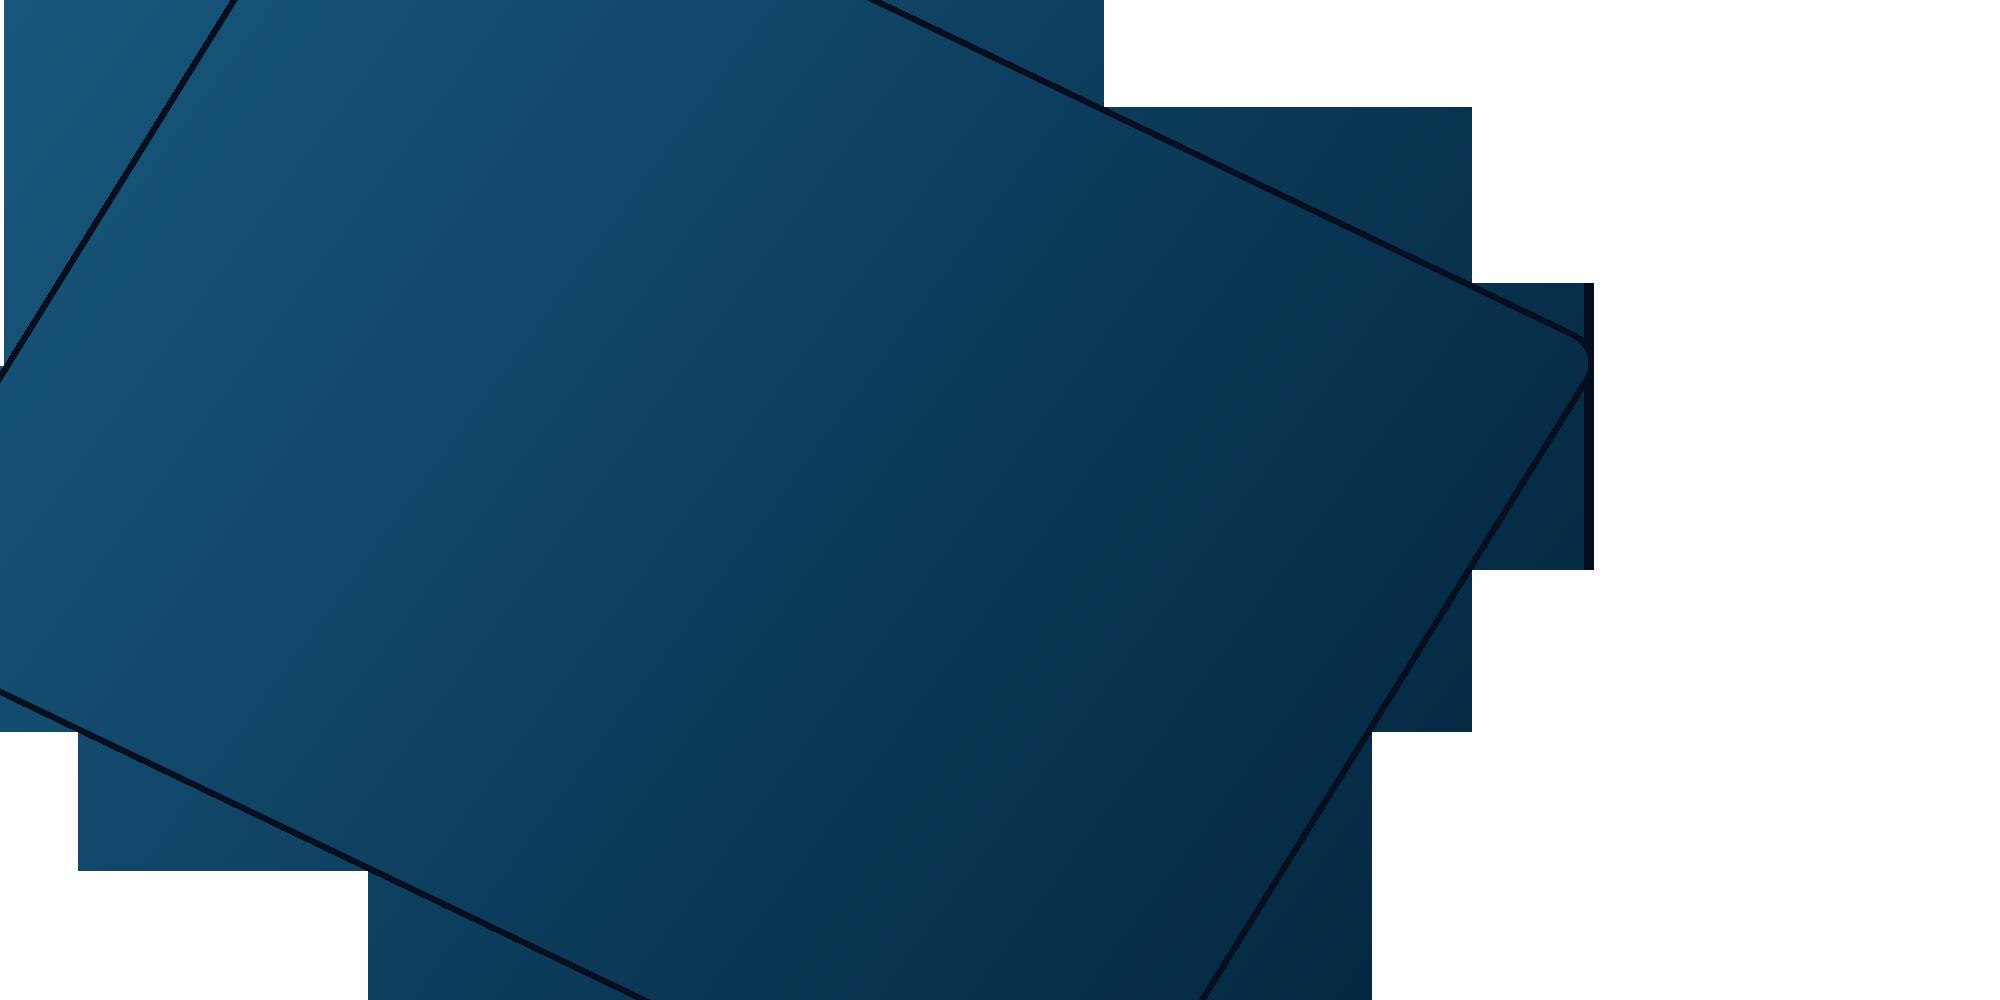 синий квадрат-подложка